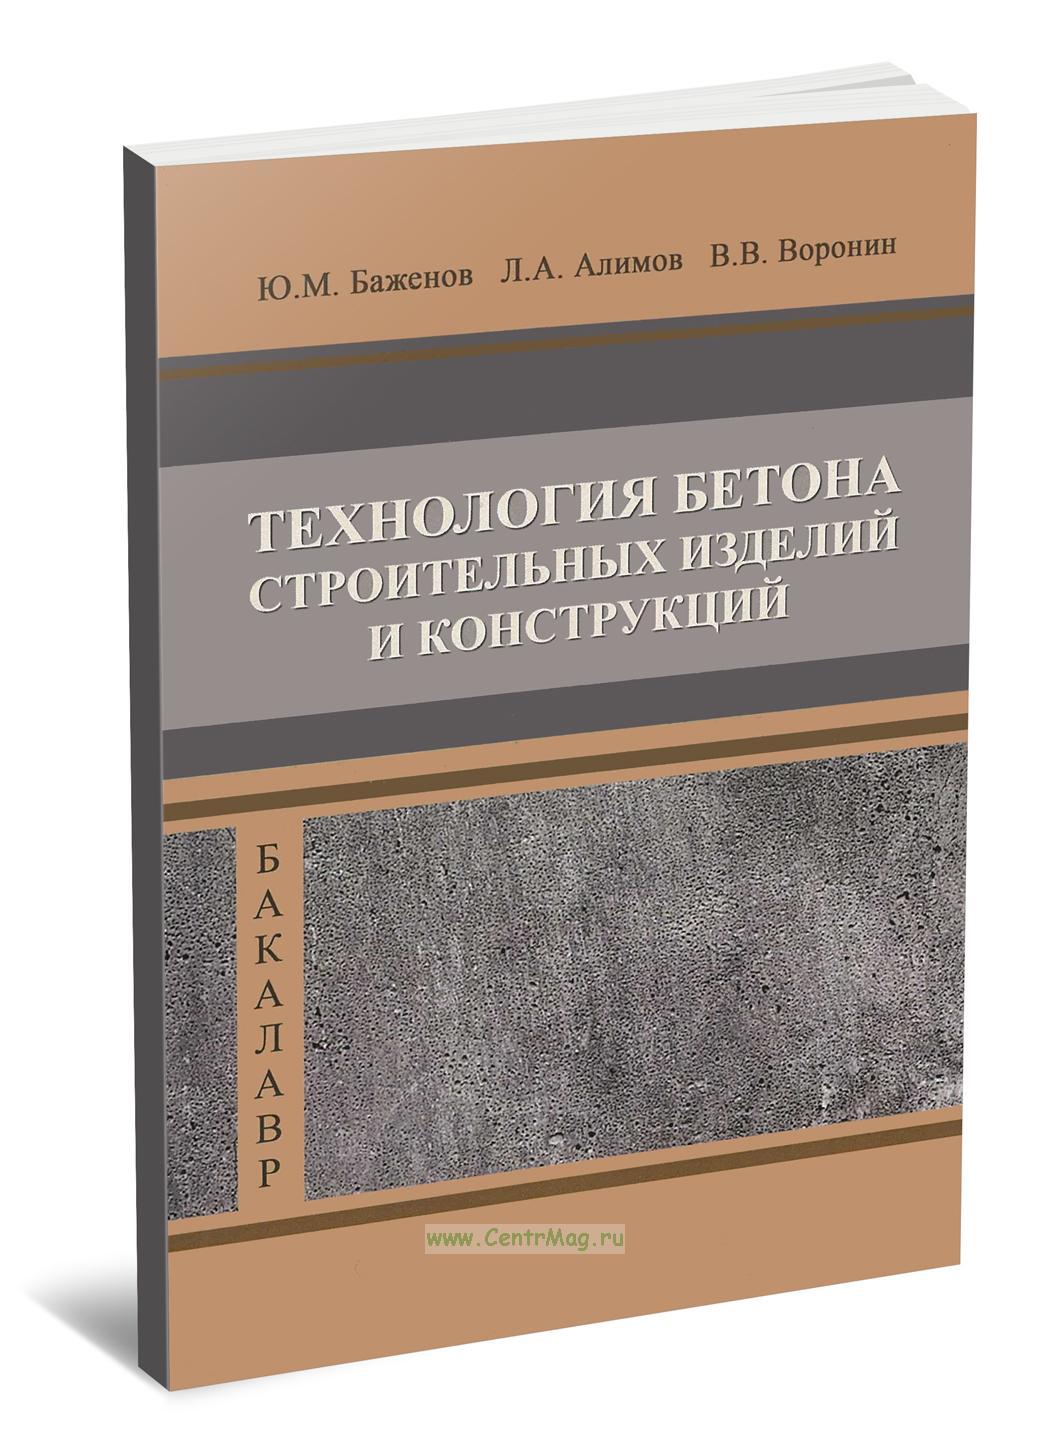 Технология бетона, строительных изделий и конструкций. Учебник